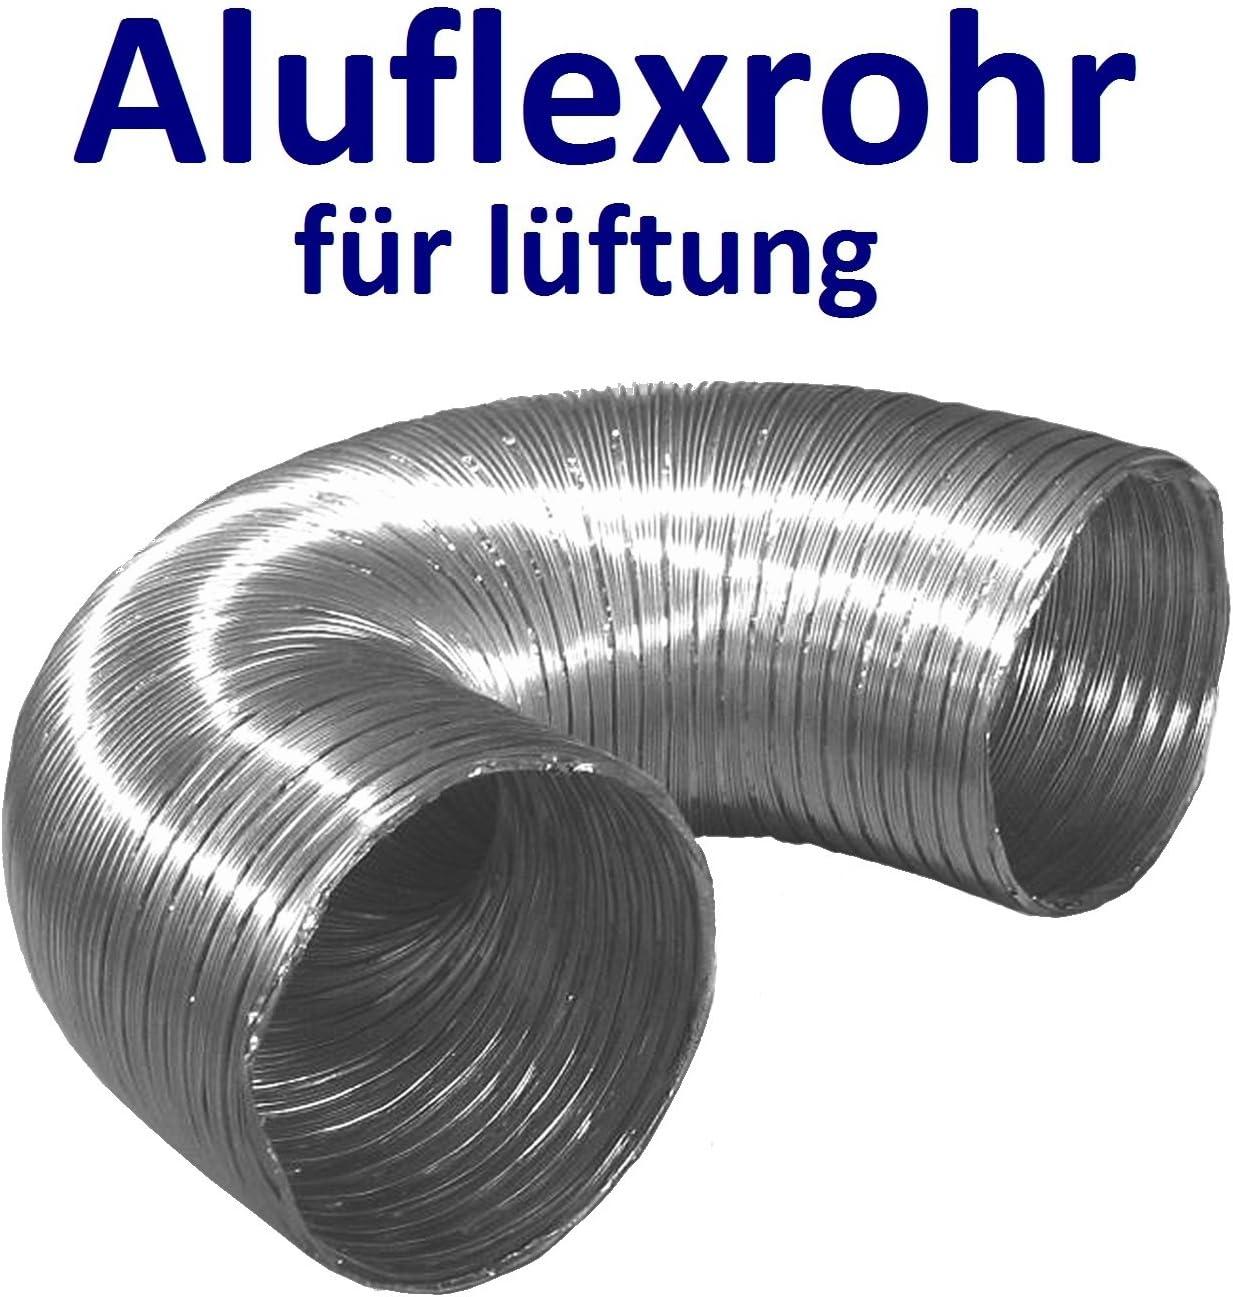 Conductor flexibles de aluminio para sistema de ventilación de aireTubo flexible de aluminio, manguera aluflex para ventilación, longitud de 30 a 270 cm. Resistente al calor hasta 300 °C. Diámetro: 80, 100,